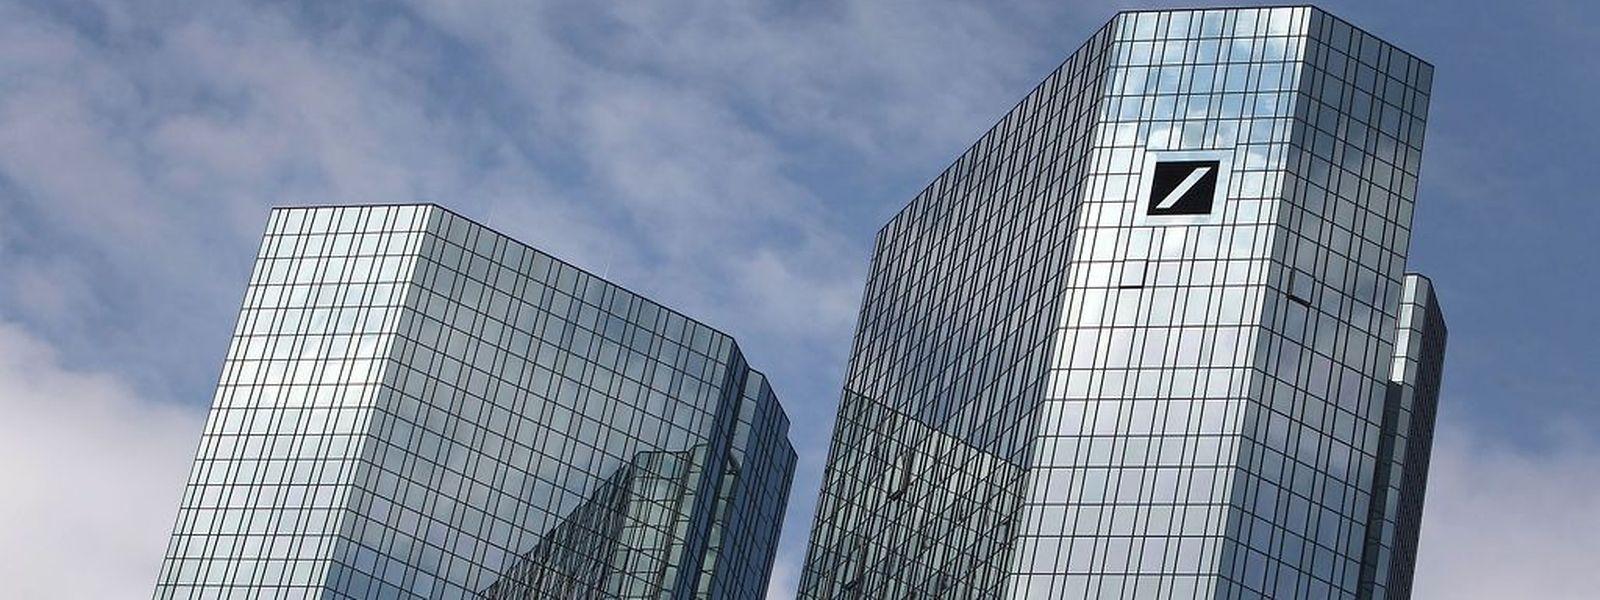 Am Dienstag hatten Ermittler Büroräume der Deutschen Bank in Frankfurt durchsucht. (Foto: AFP)